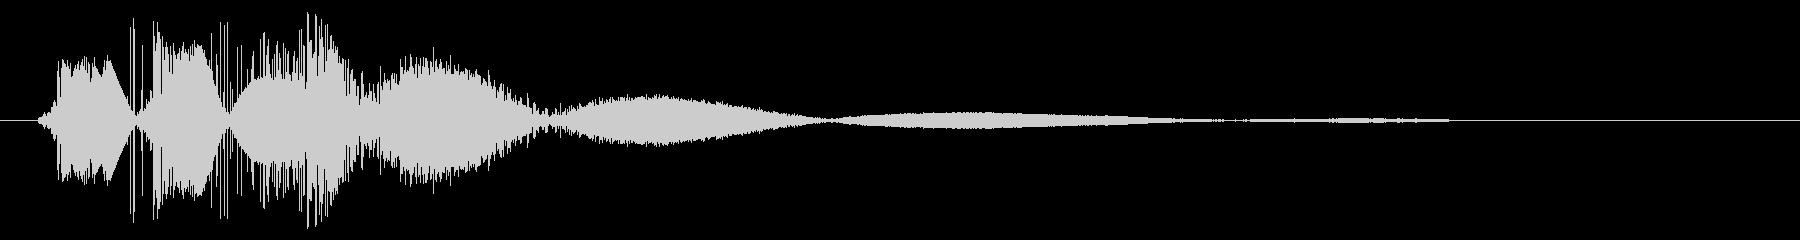 バシンッ(風船の破裂音)シンプルの未再生の波形